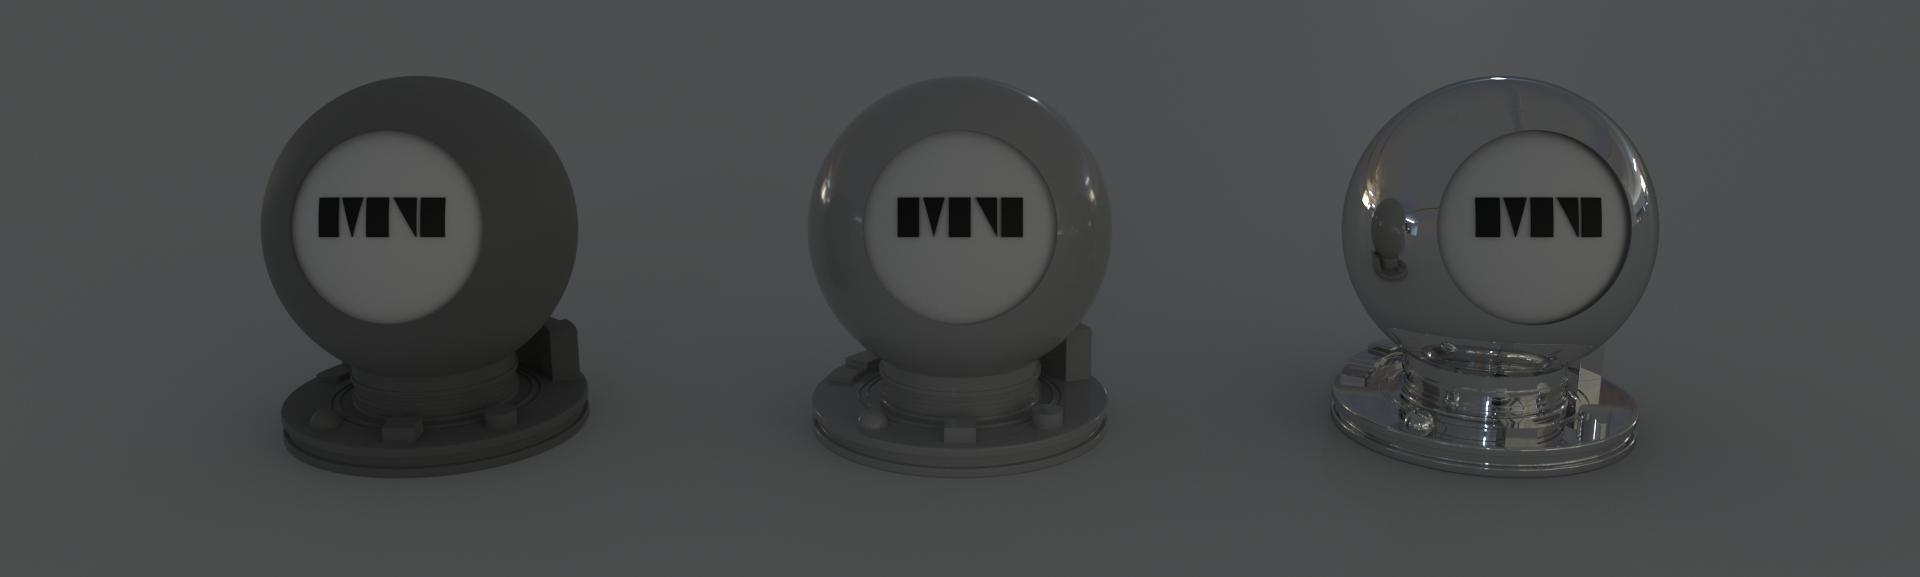 Pano 74 Shader Balls